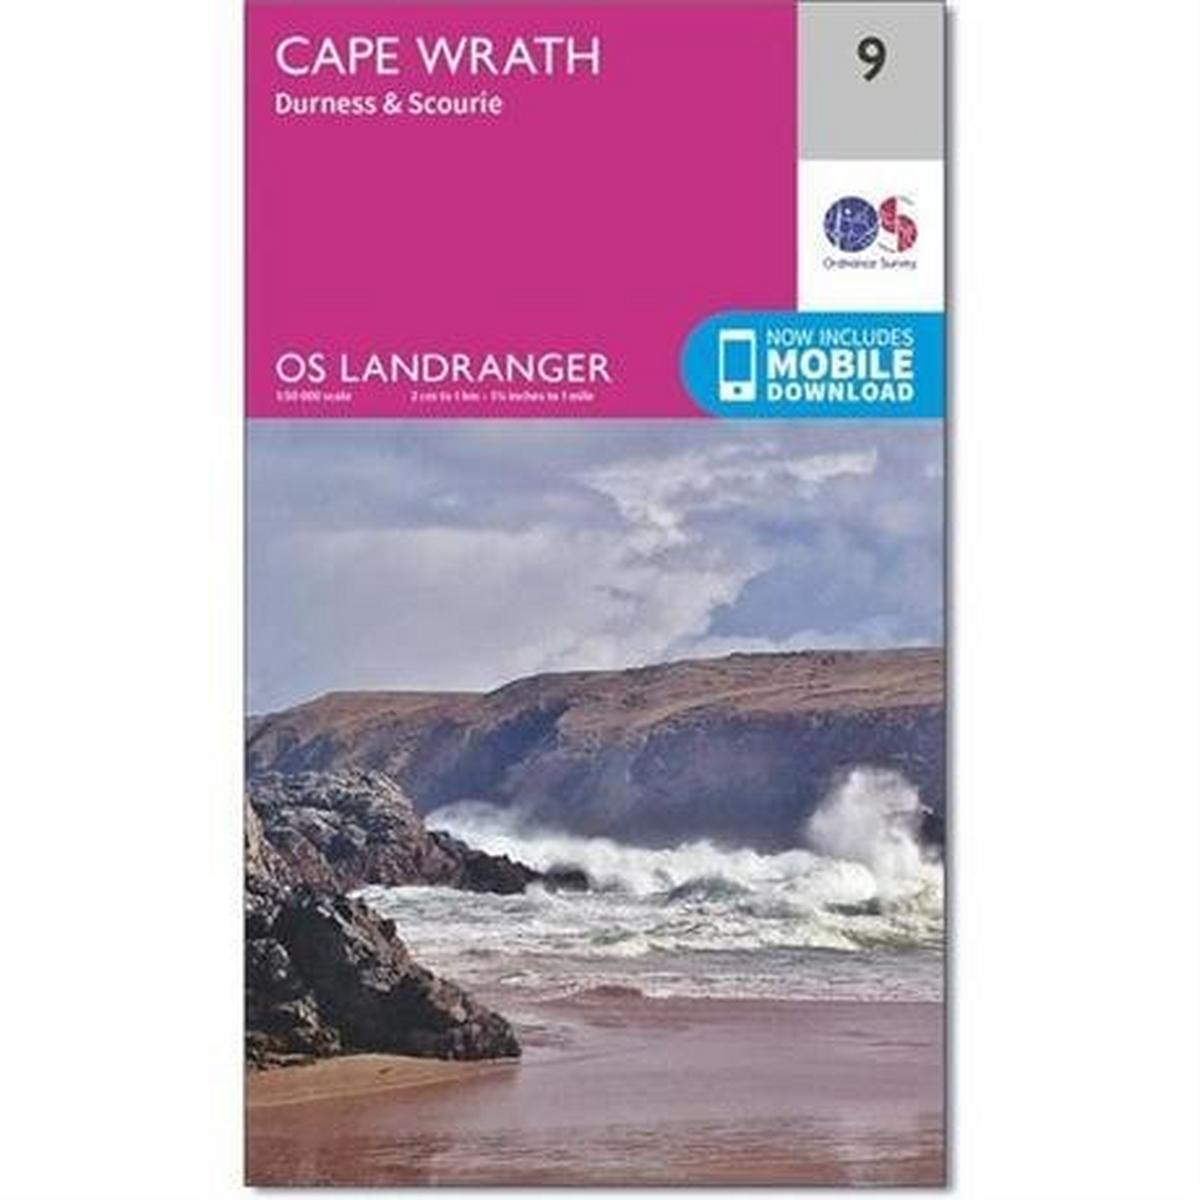 Ordnance Survey OS Landranger Map - Cape Wrath, Durness & Scourie